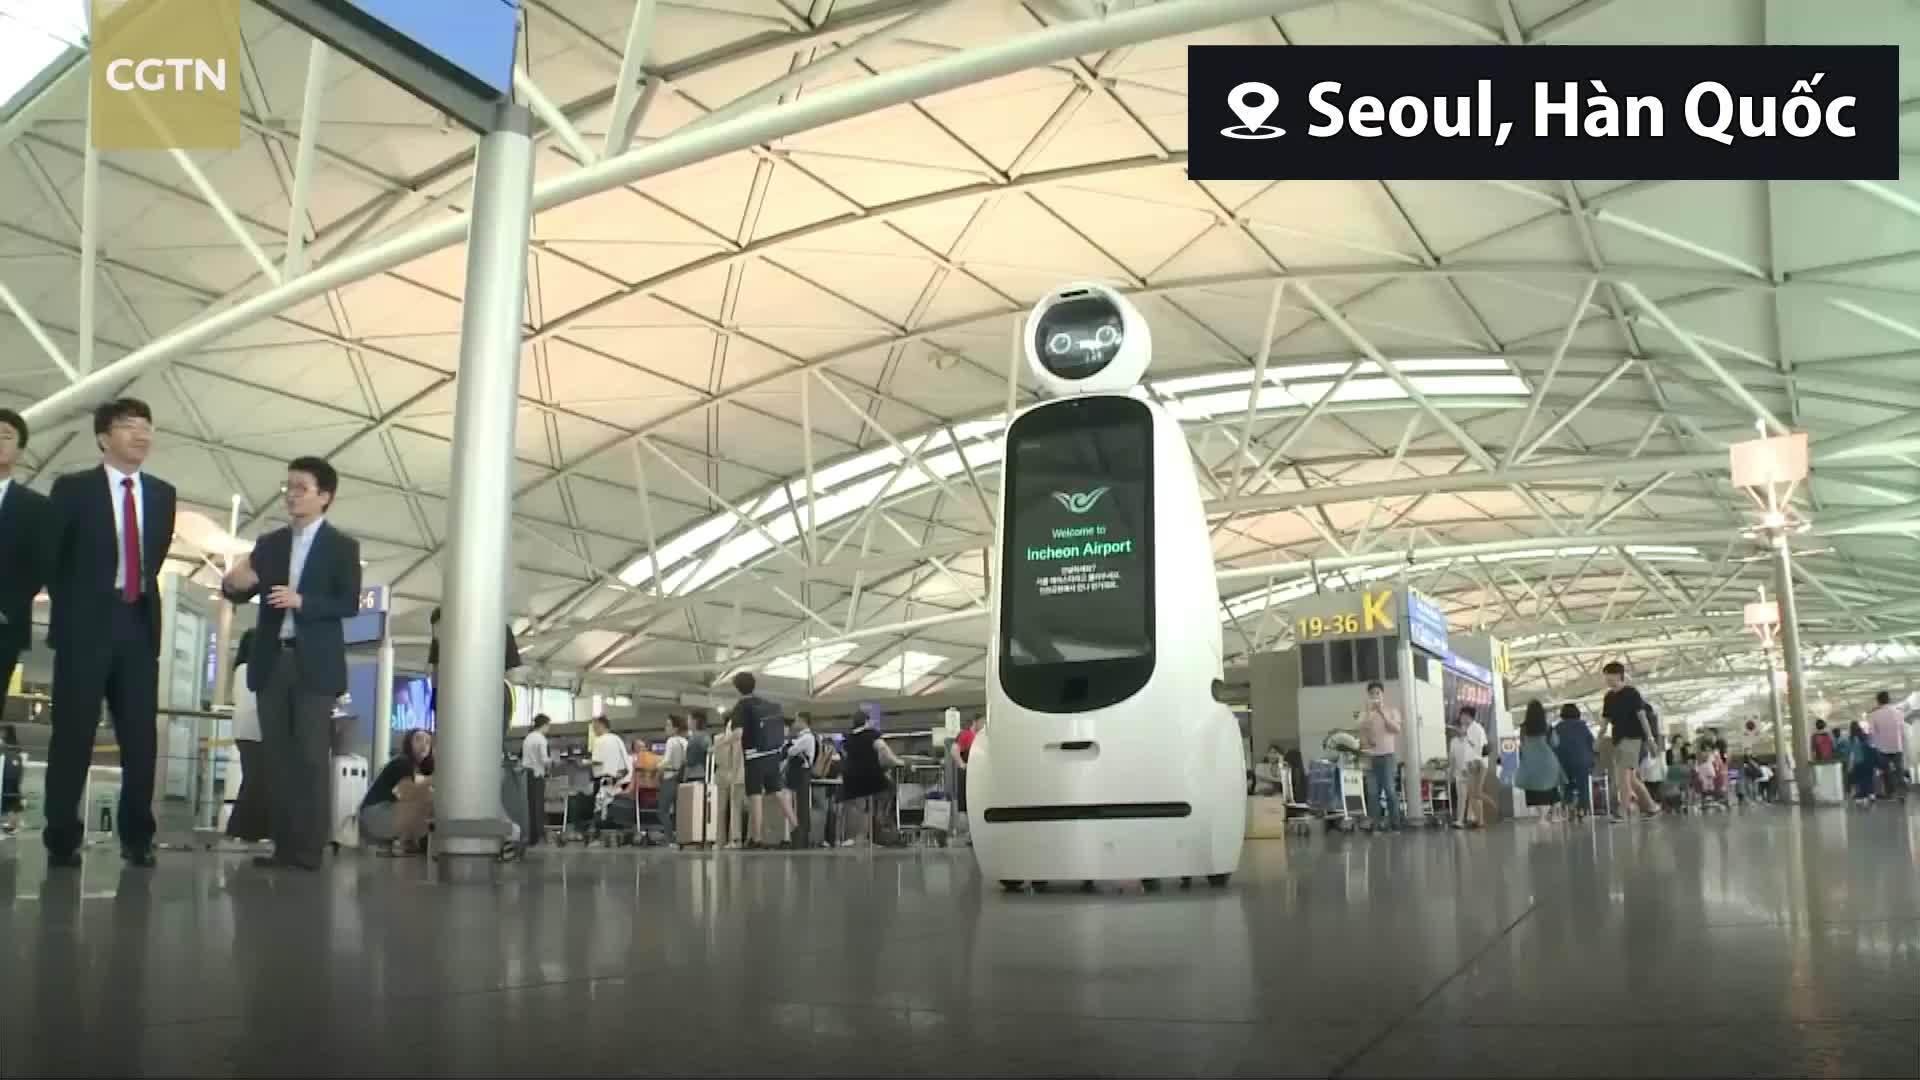 Hàn Quốc ra mắt robot chỉ đường mới tại sân bay